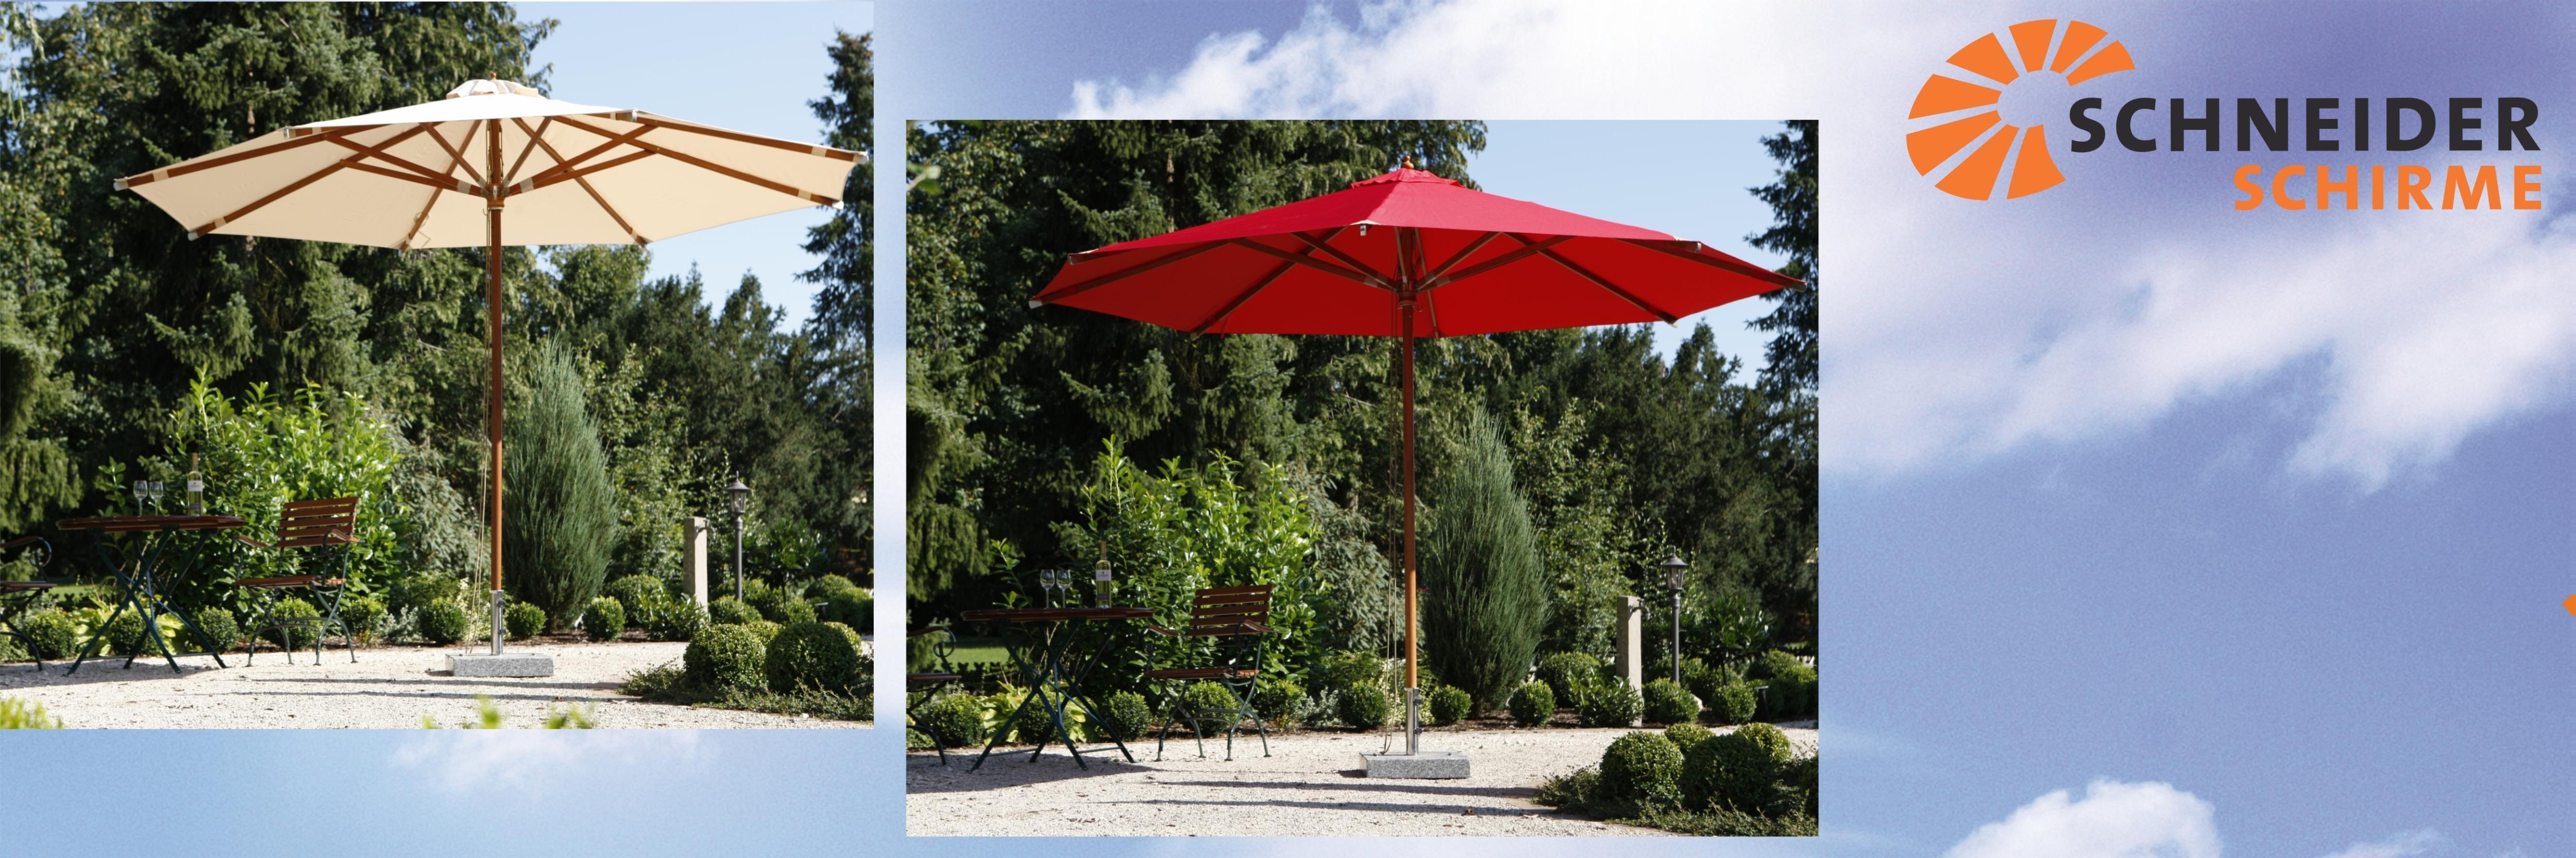 Amazon De Schneider Sonnenschirm Nizza Rot Ca 350 Cm O 8 Teilig